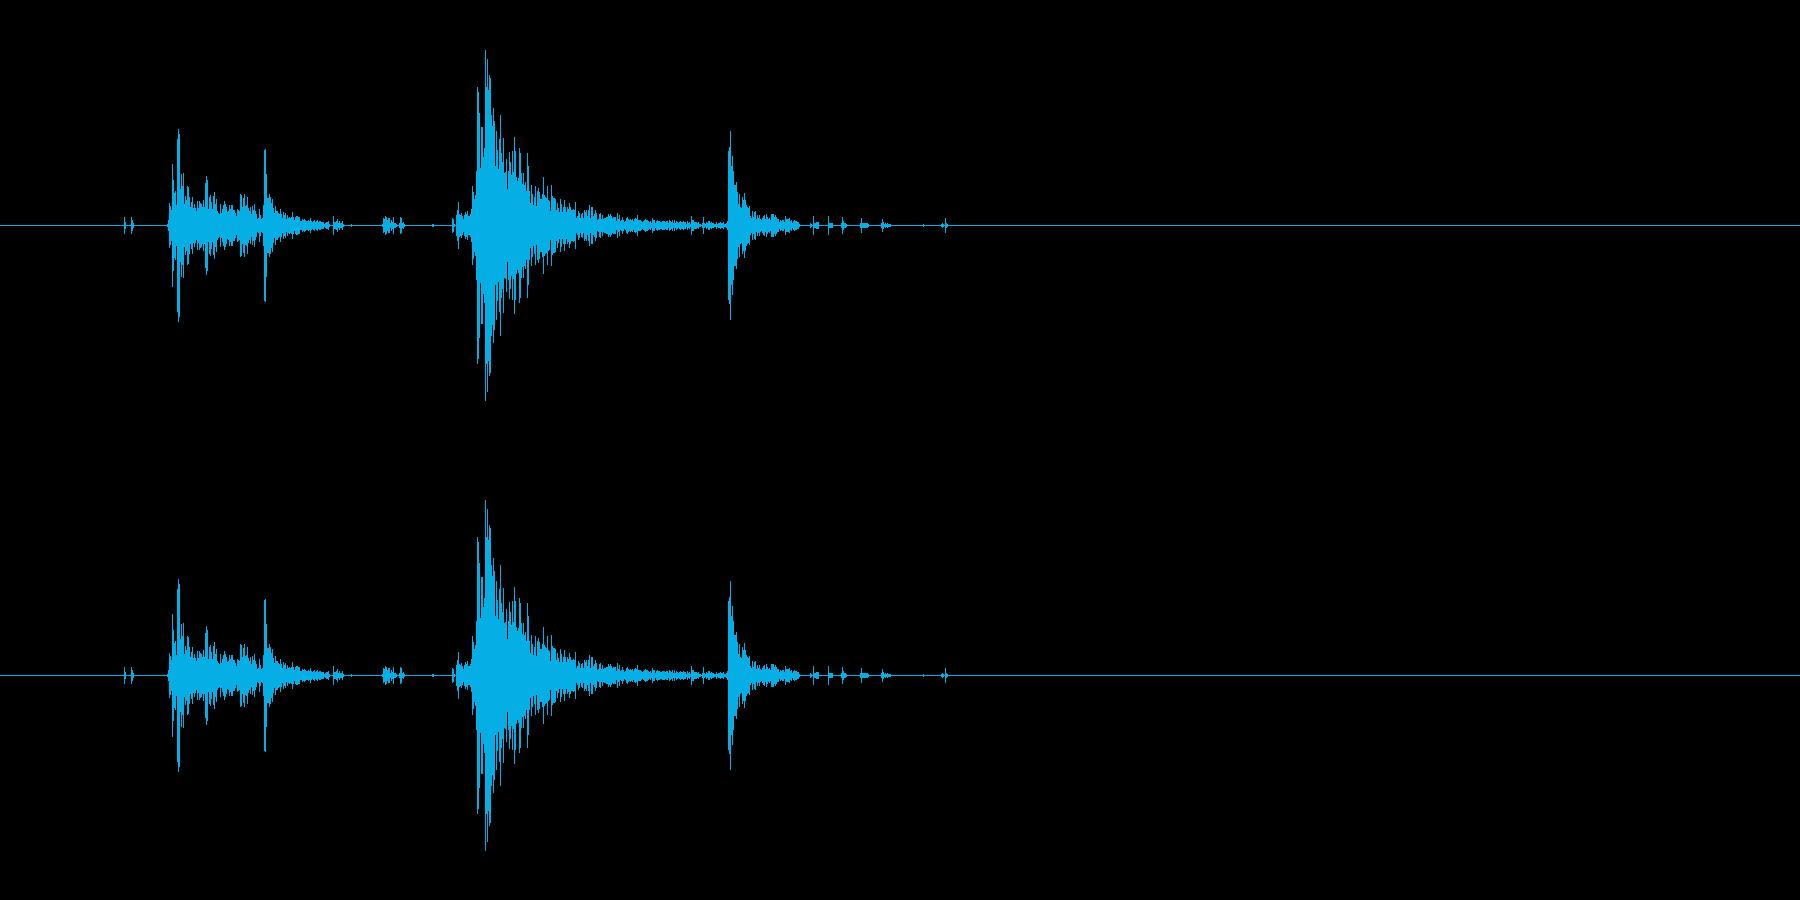 鍵を閉める音 ガチャン カチャンの再生済みの波形